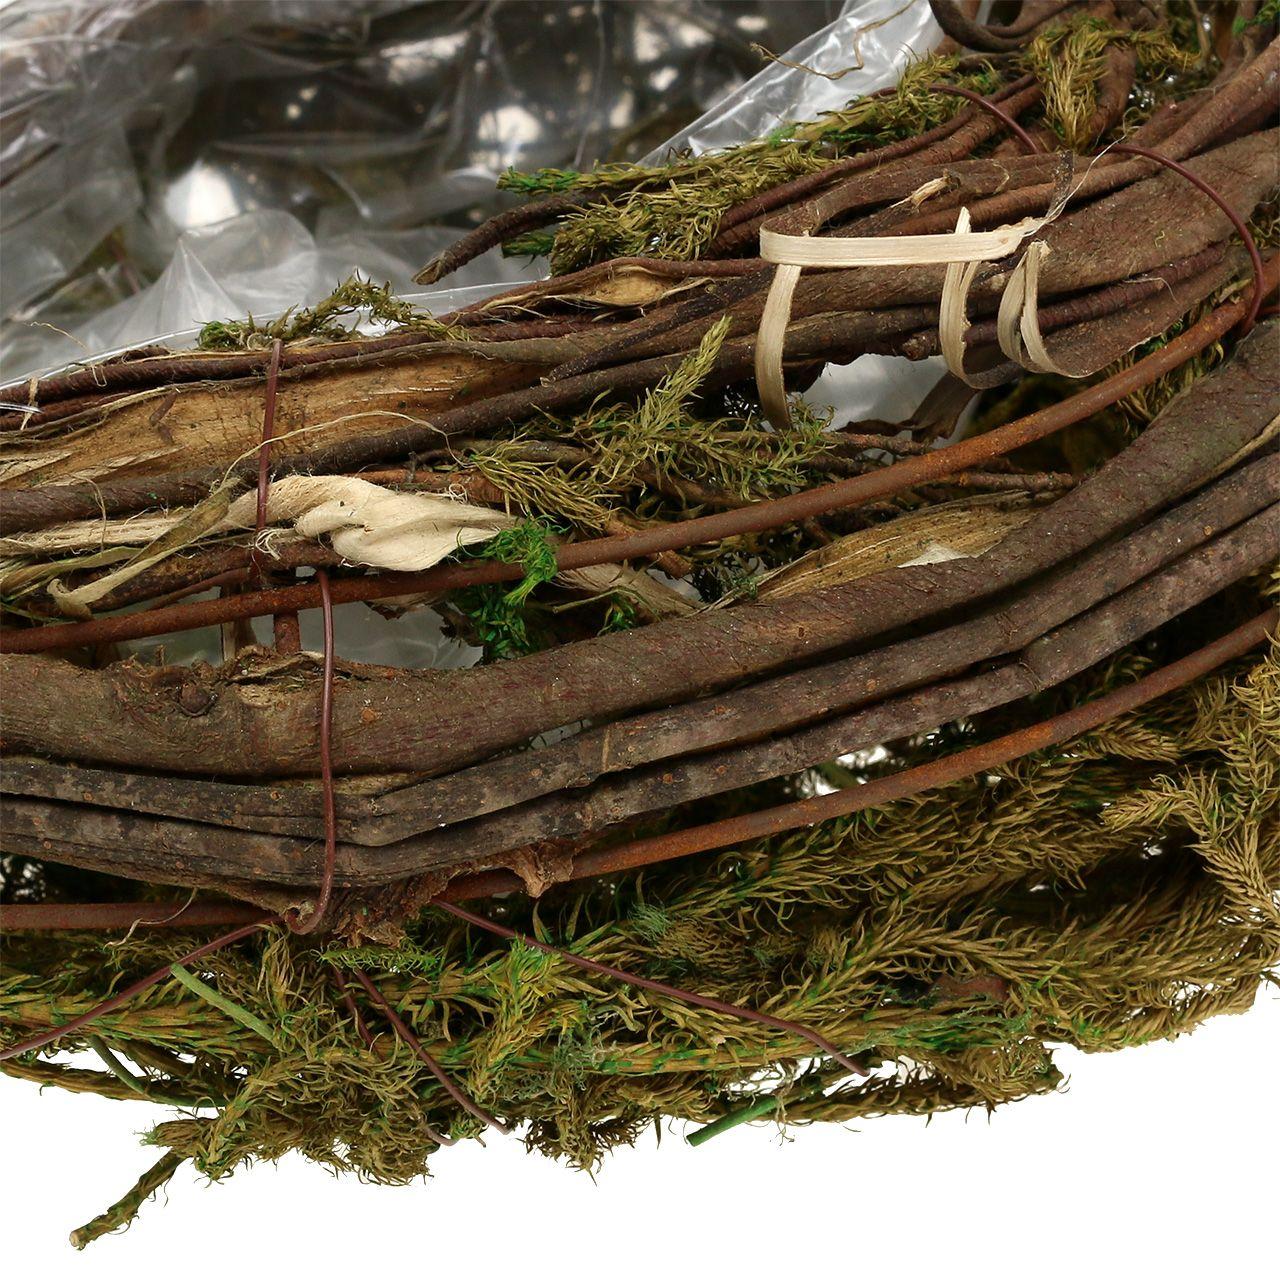 Planter laget av vinstokker og mose 35cm x 20cm